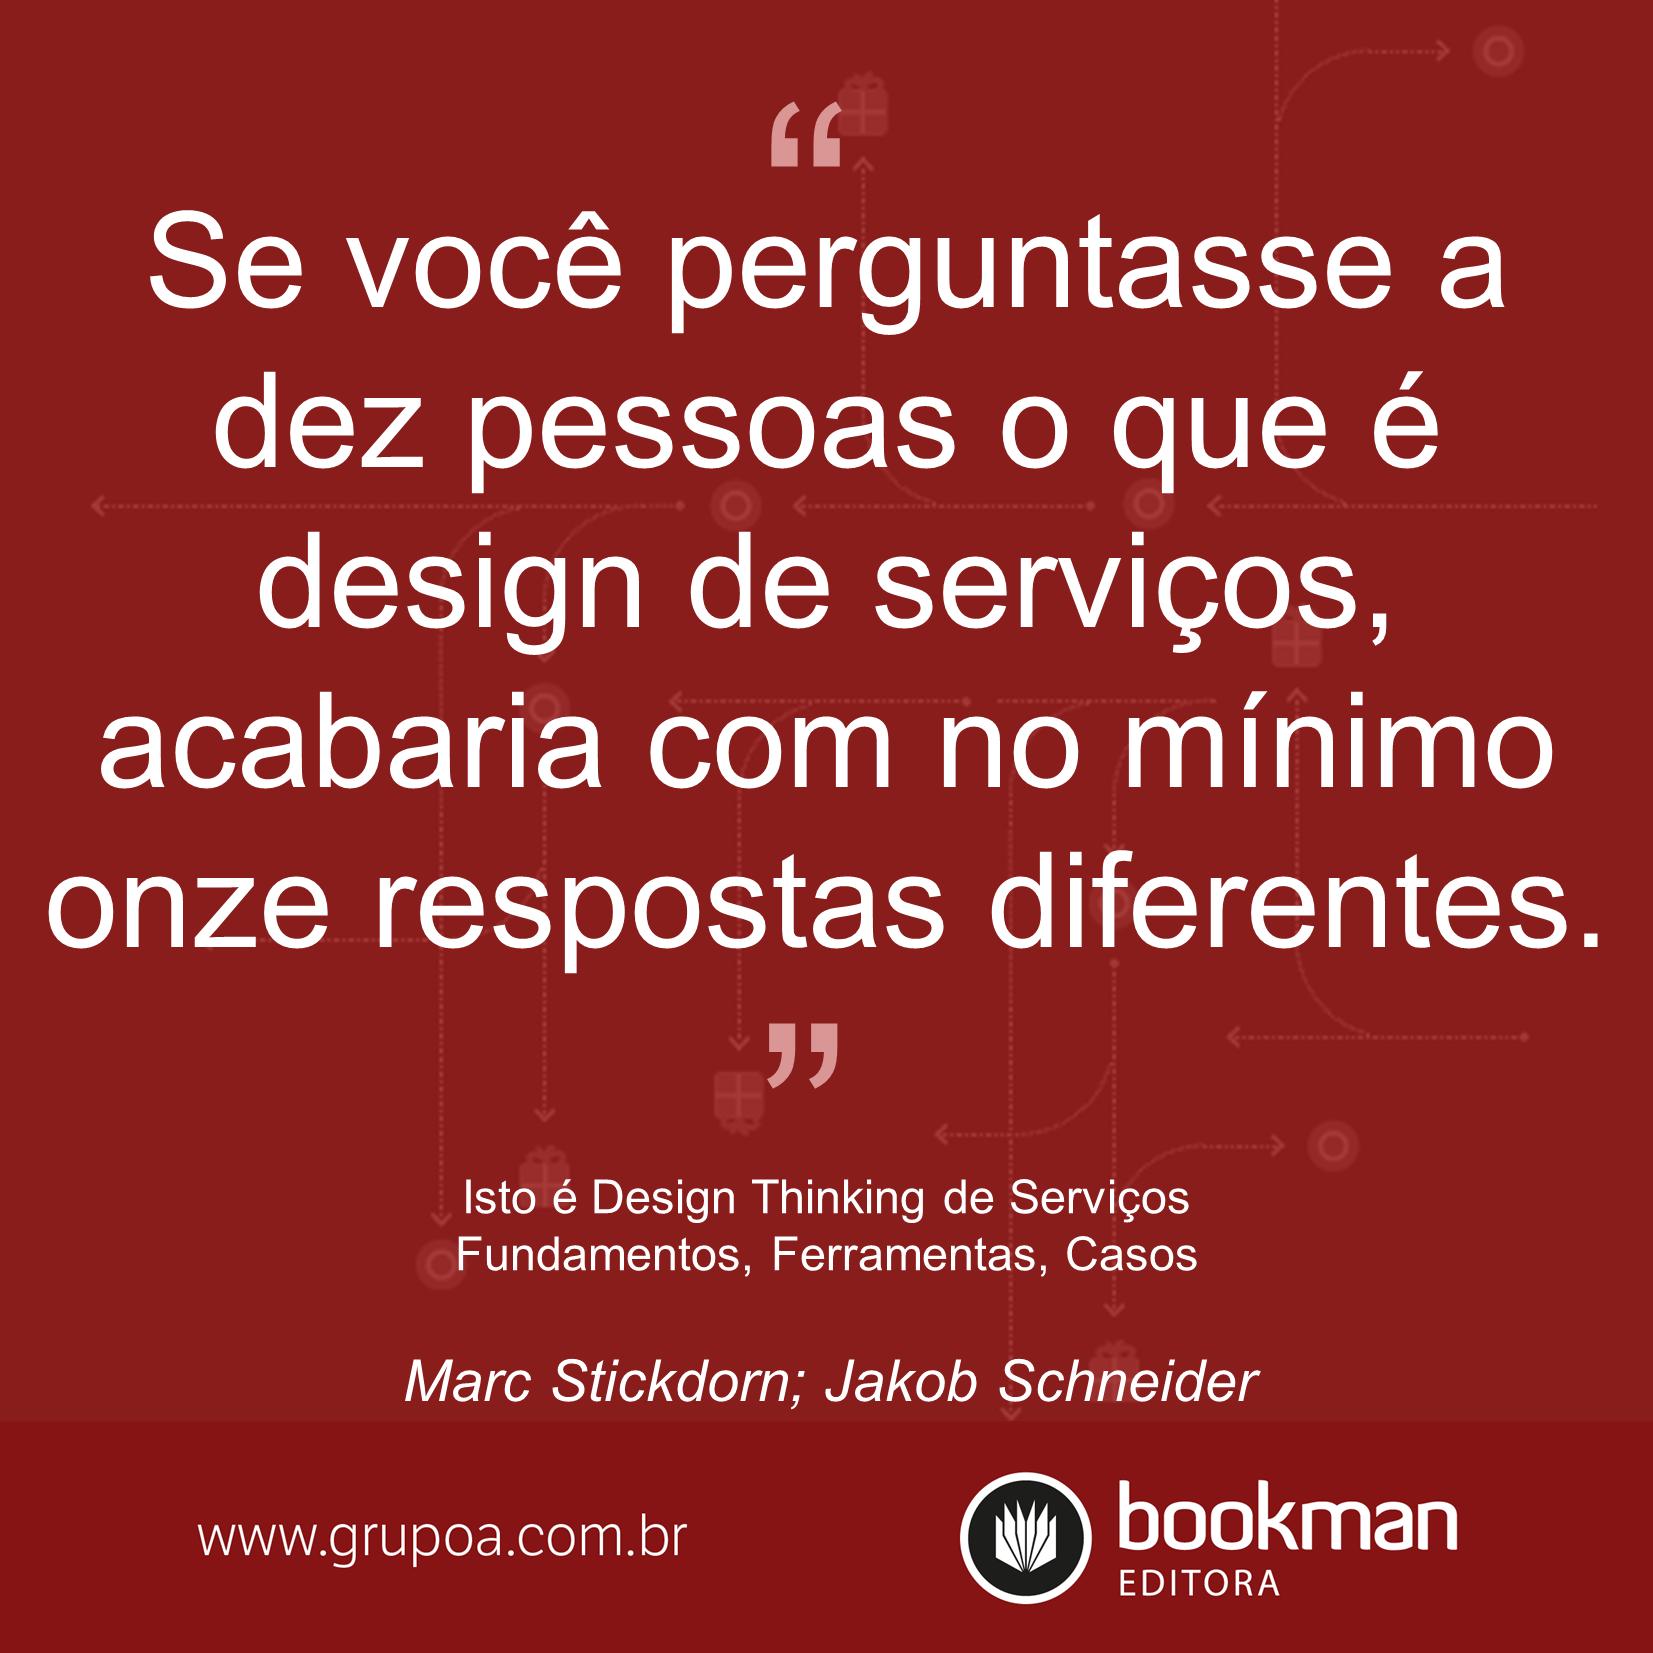 Isto é Design Thinking de Serviços [2]